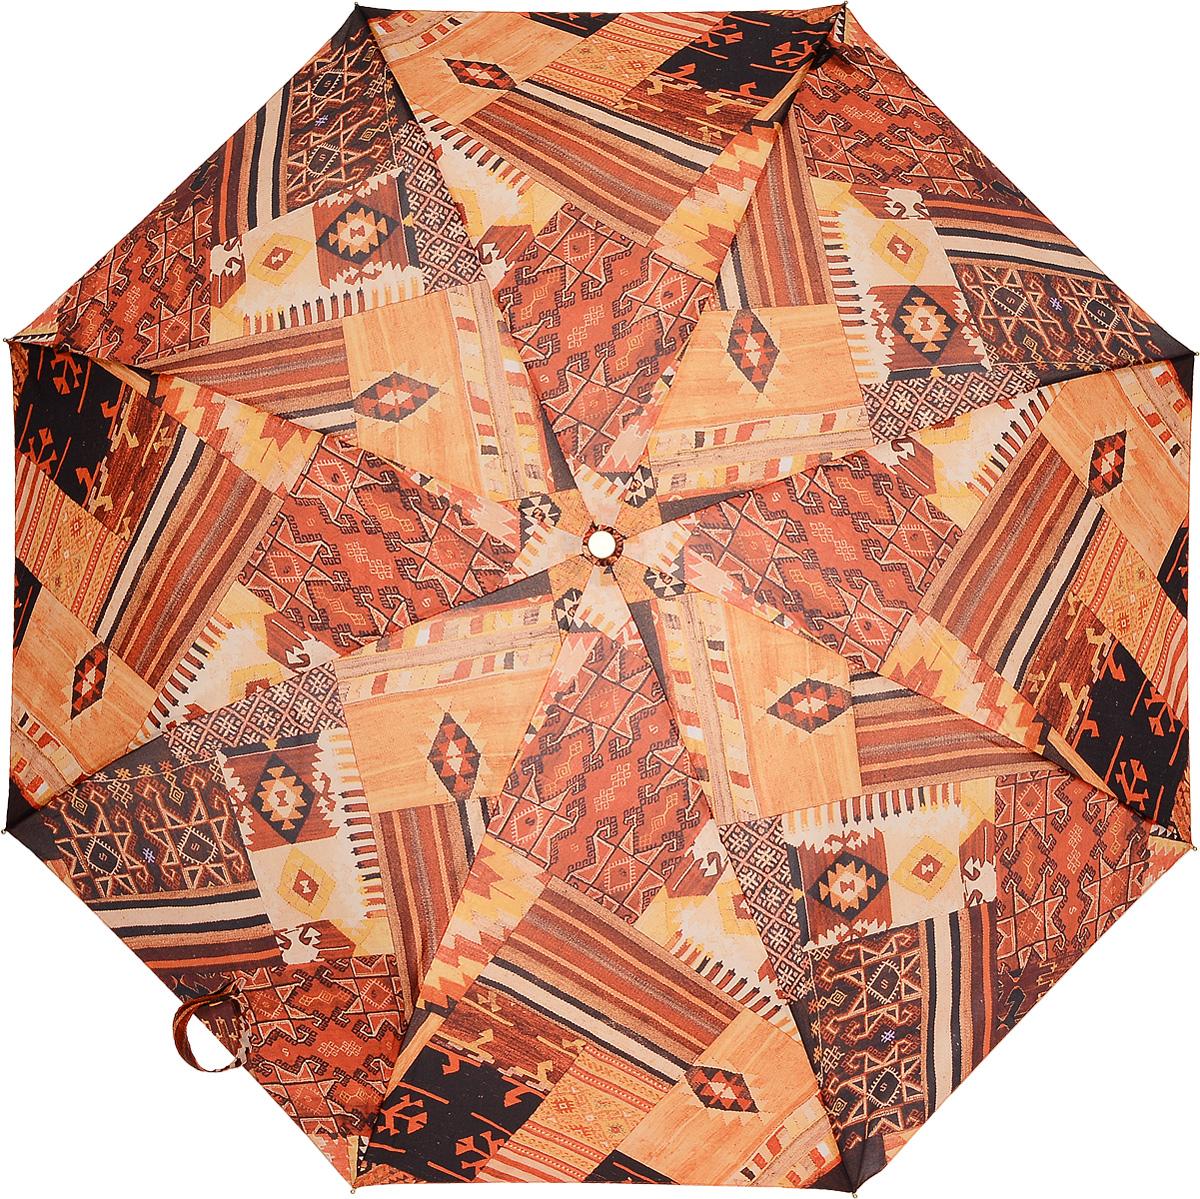 M&P 5867-2 Зонт полный автом. 3 сл. жен.Колье (короткие одноярусные бусы)Зонт испанского производителя Clima. В производстве зонтов используются современные материалы, что делает зонты легкими, но в то же время крепкими.Полный автомат, 3 сложения, 7 спиц, полиэстер.